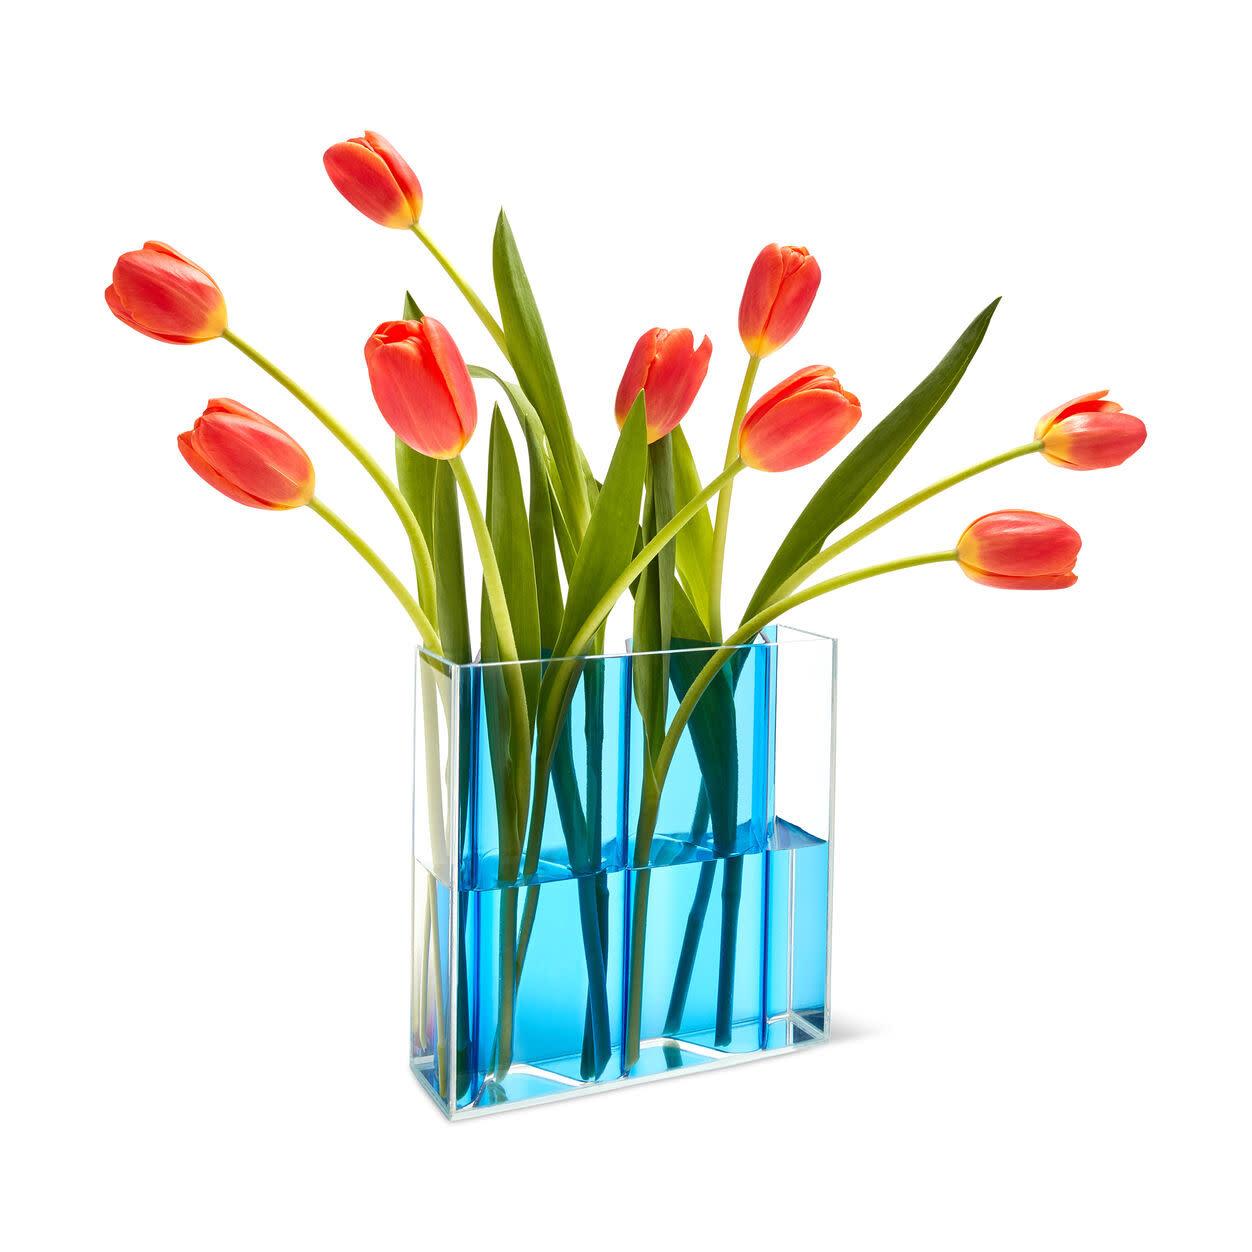 MOMA Corrugated Vase Blue